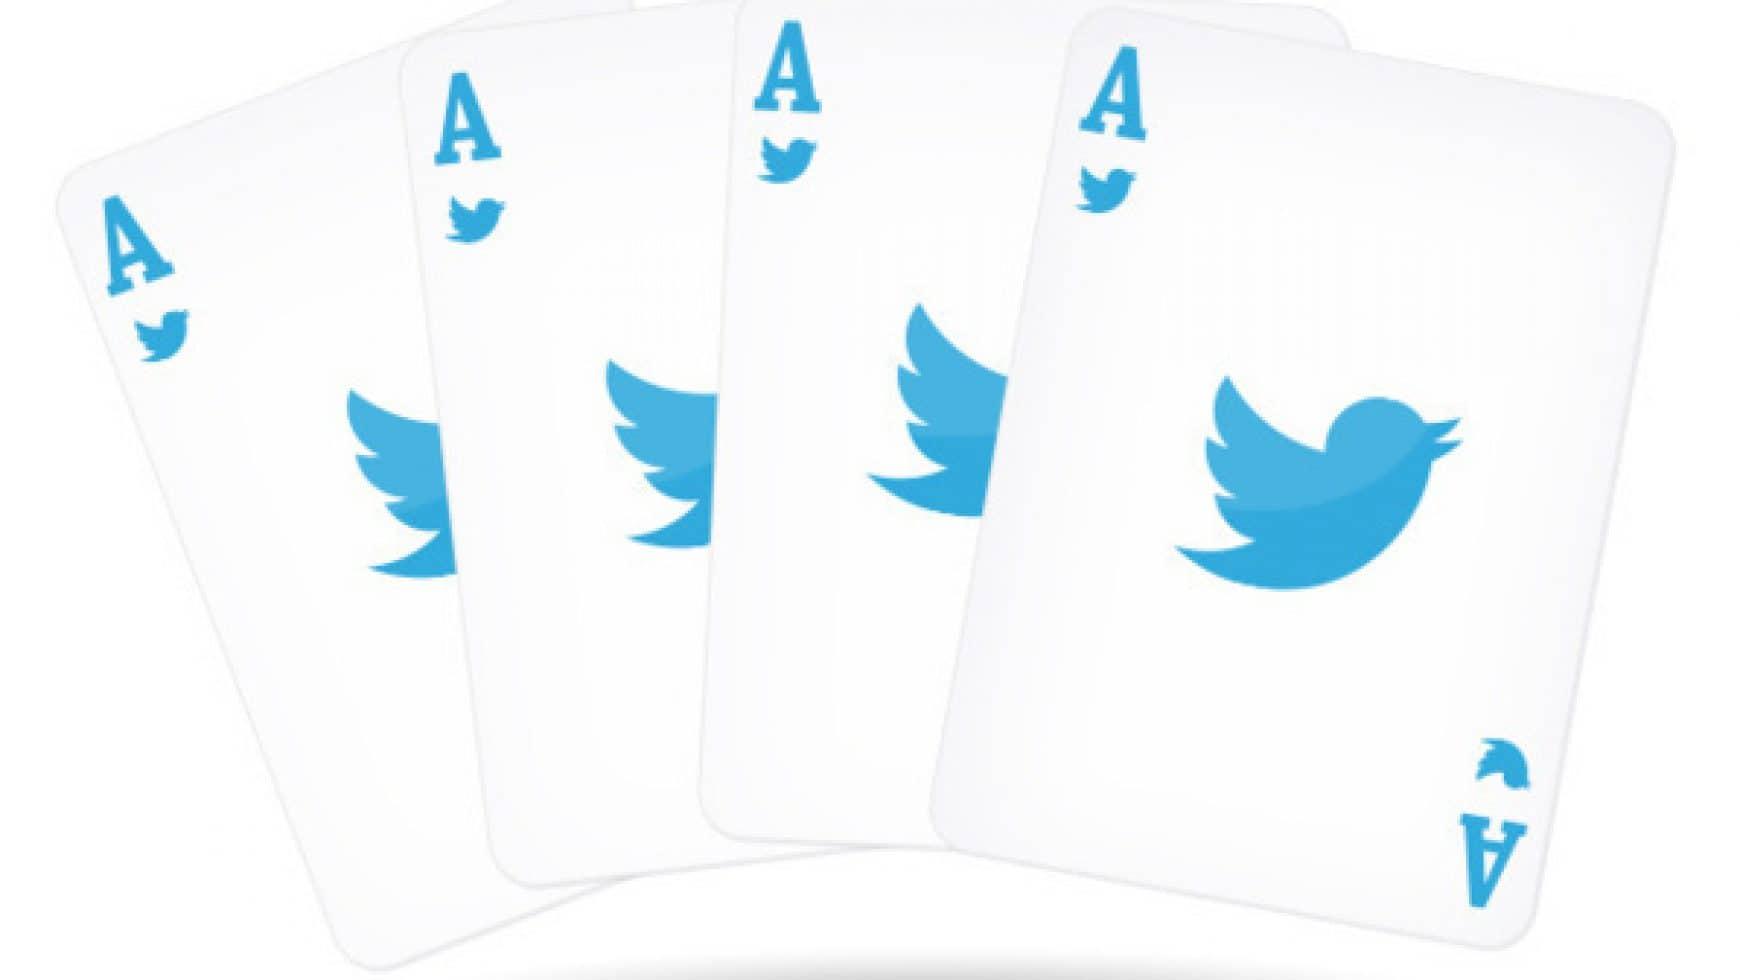 Qué son y cómo aprovechar Twitter Cards en tu estrategia de marketing